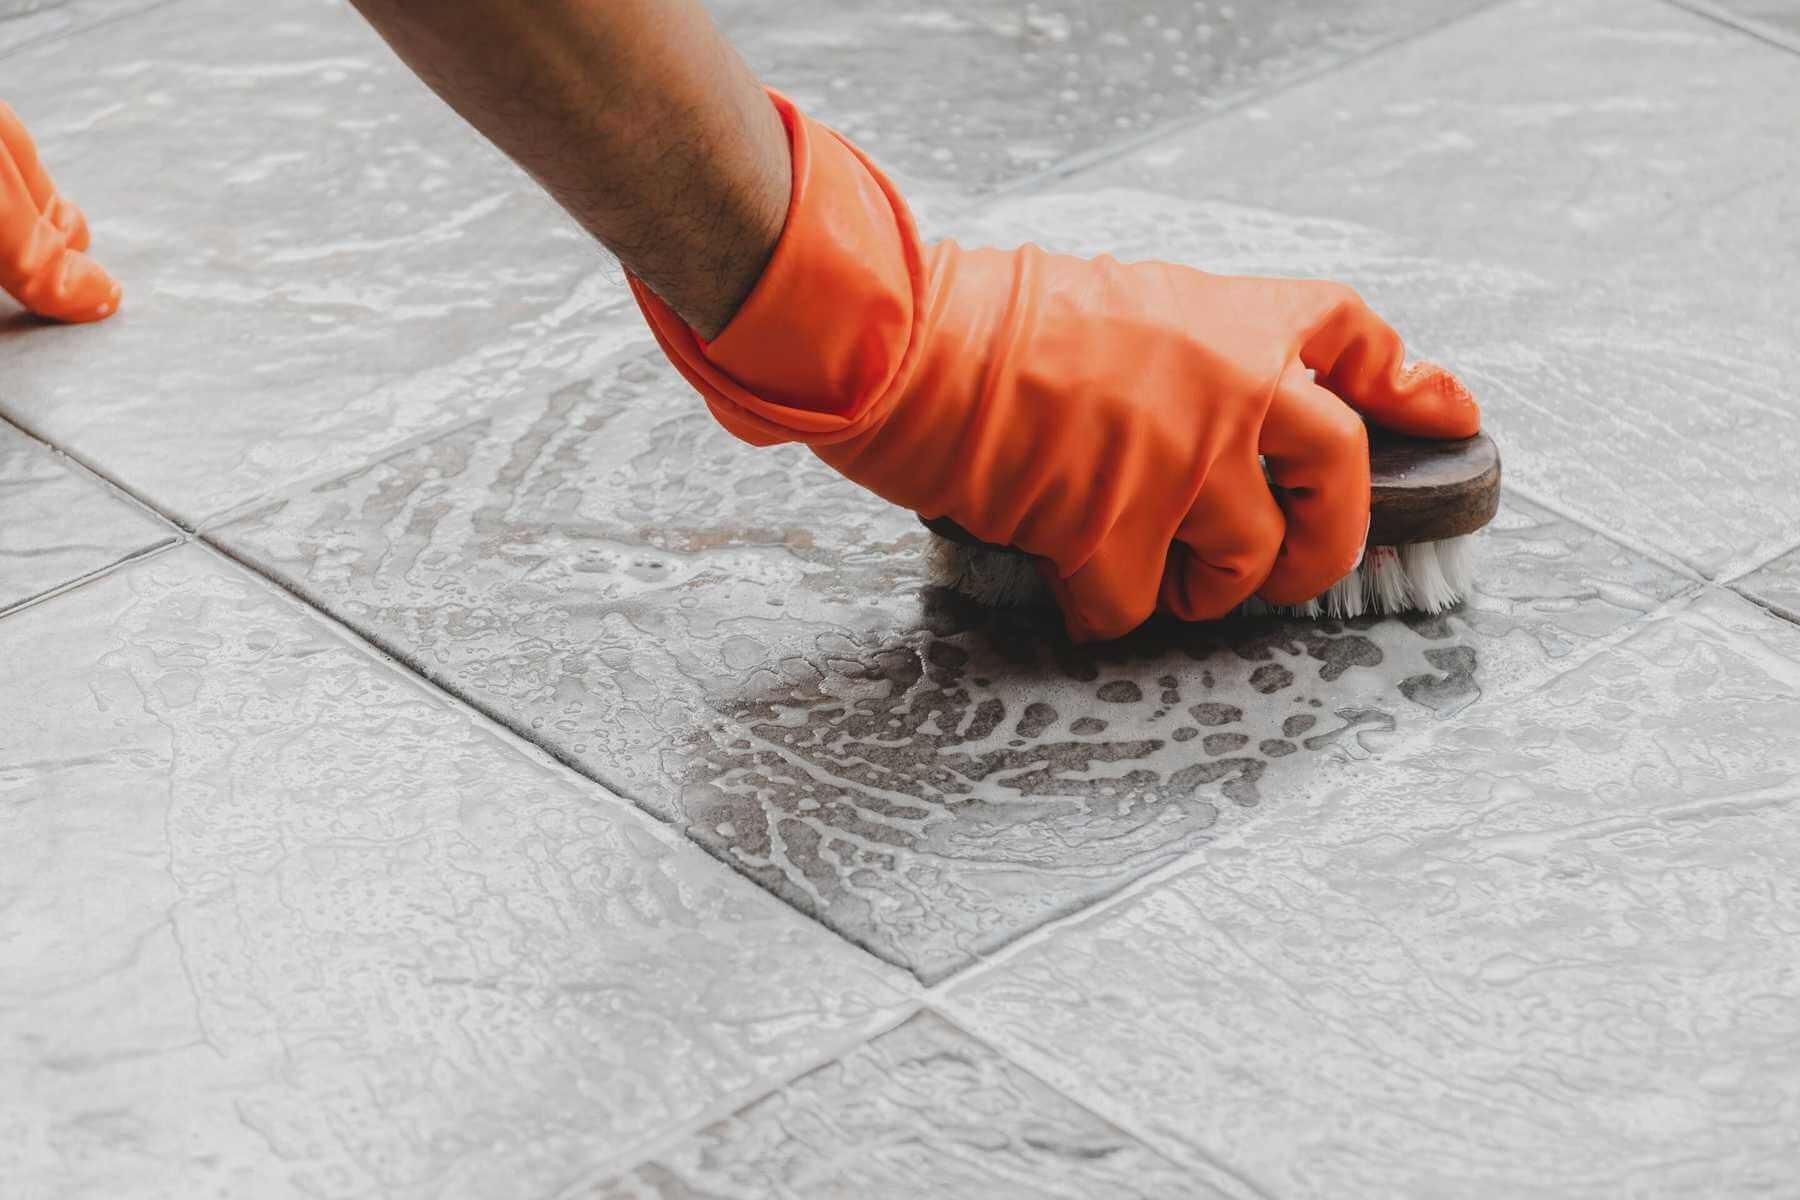 Cách tẩy dầu nhớt trên sàn nhà hiệu quả, tiết kiệm thời gian tối đa